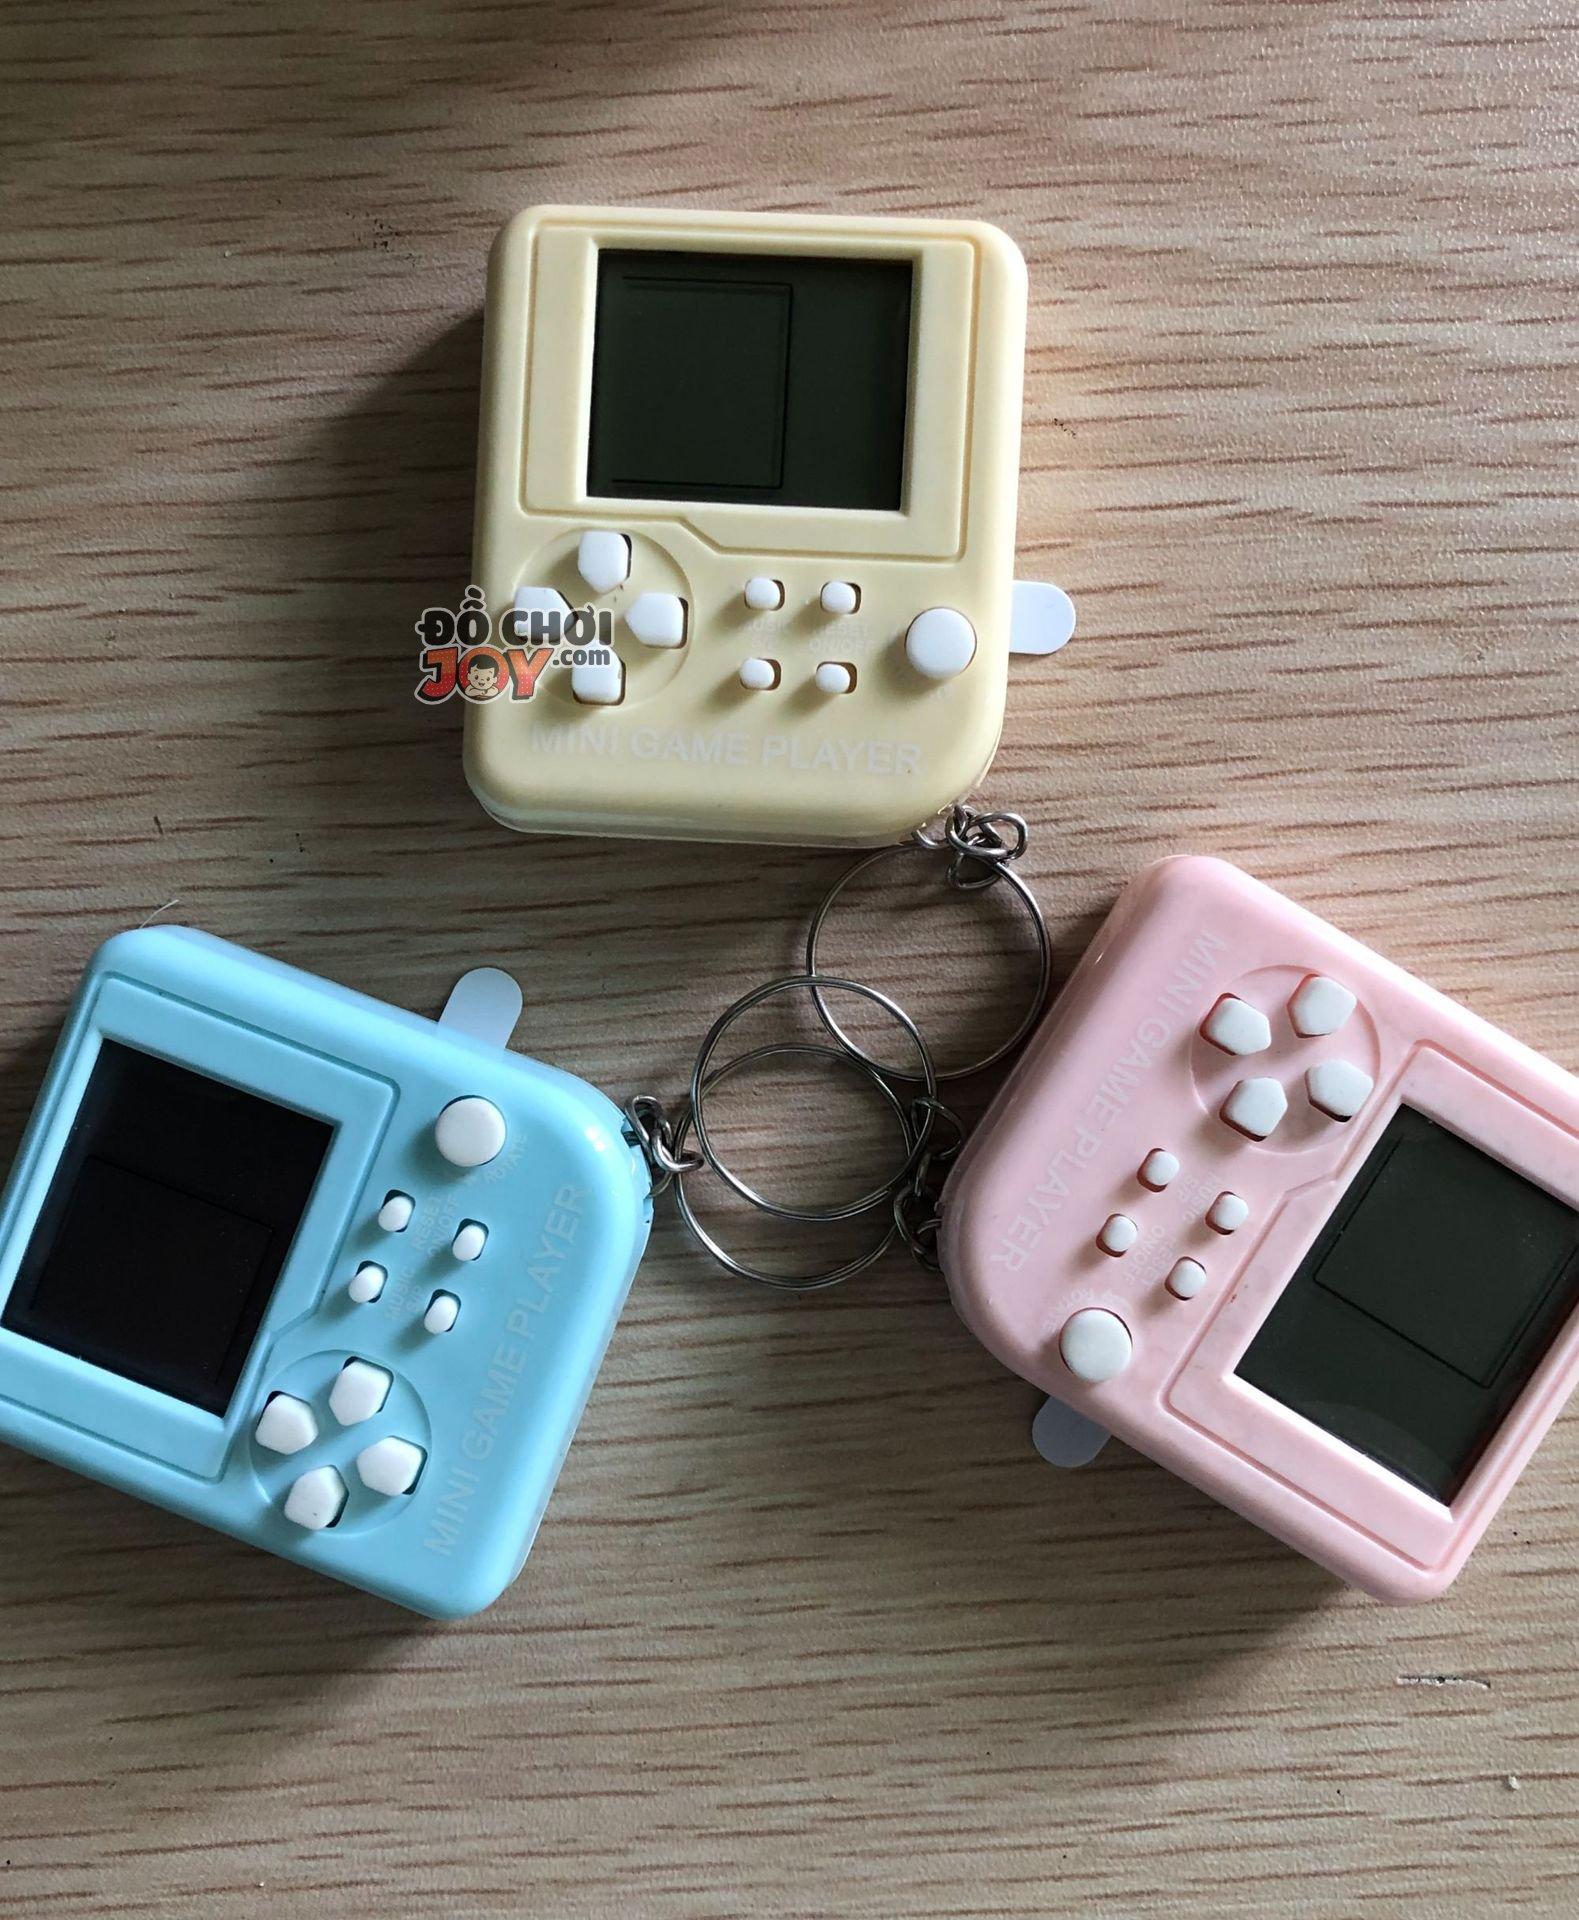 [Hàng Order] Máy chơi game cổ điển mini kiêm móc khóa - Đồ chơi giá rẻ